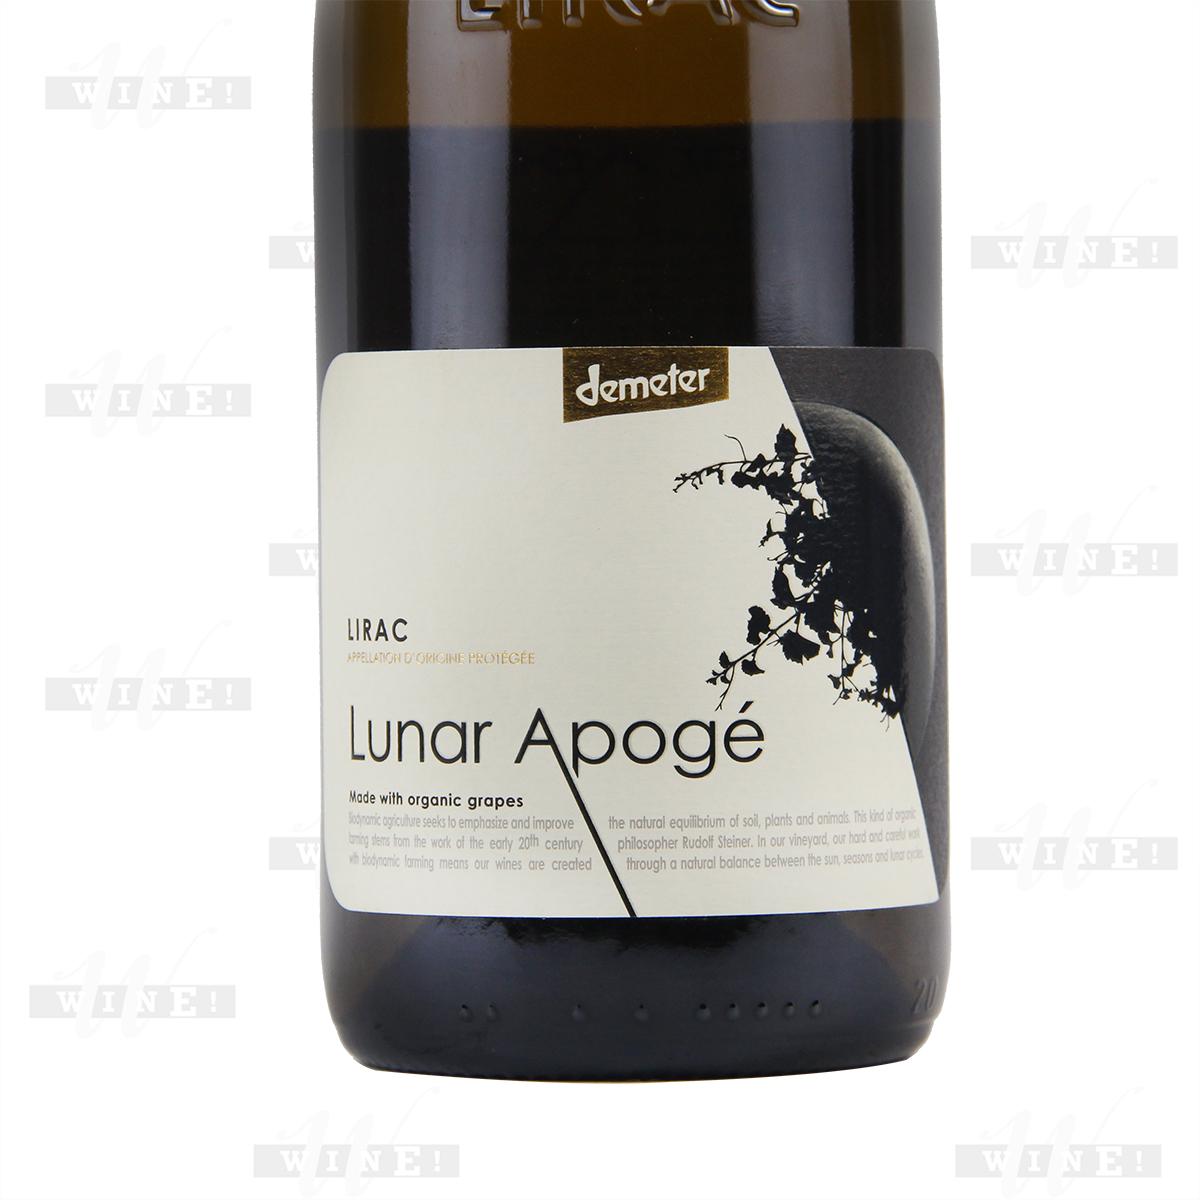 法国利哈克枪骑兵庄园混酿遥月AOC干白葡萄酒